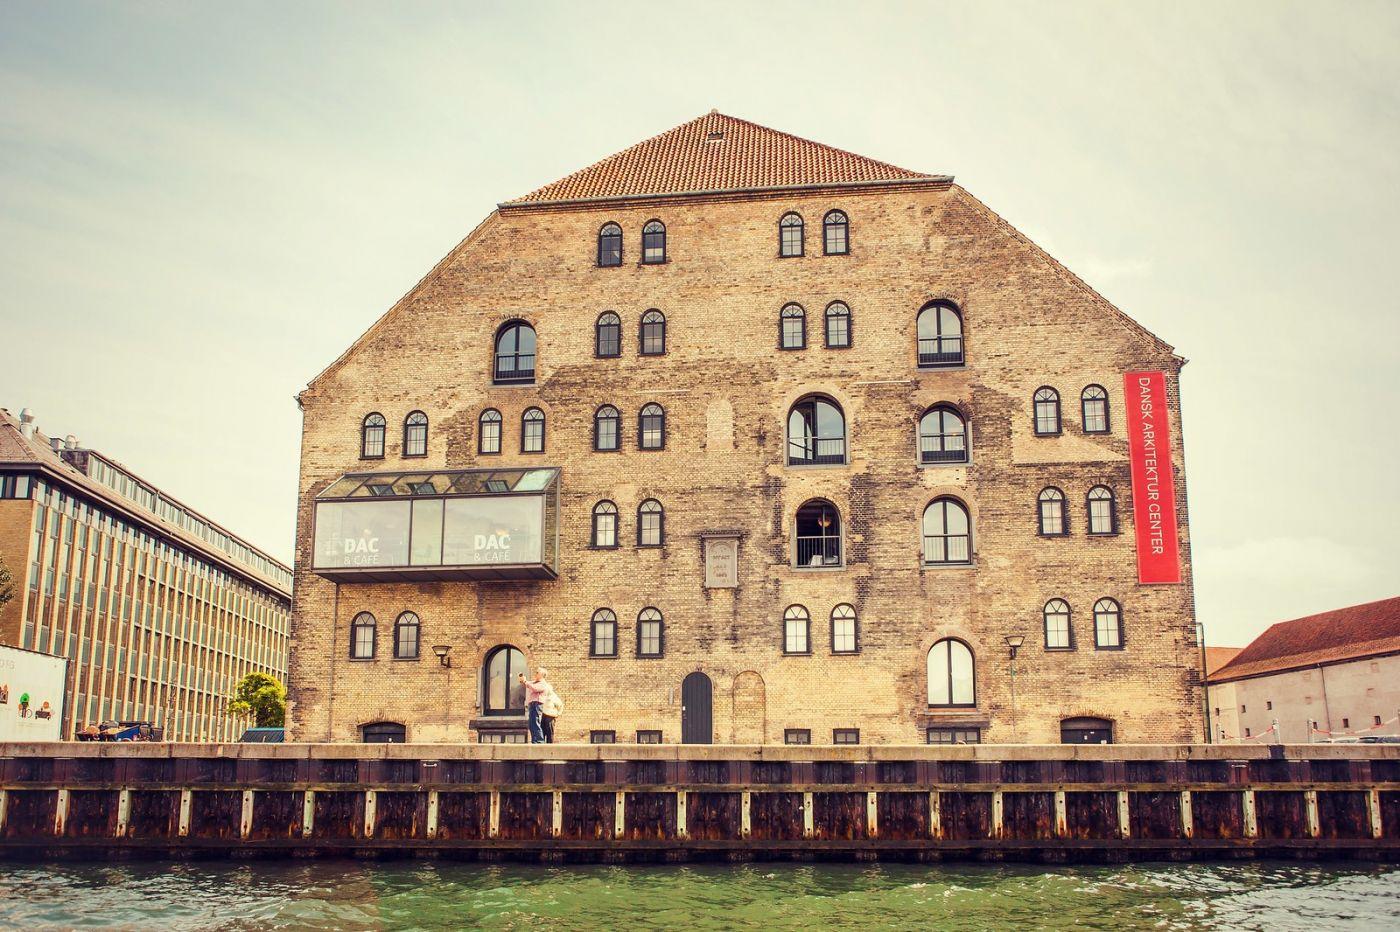 丹麦哥本哈根,新旧融合的城市_图1-9